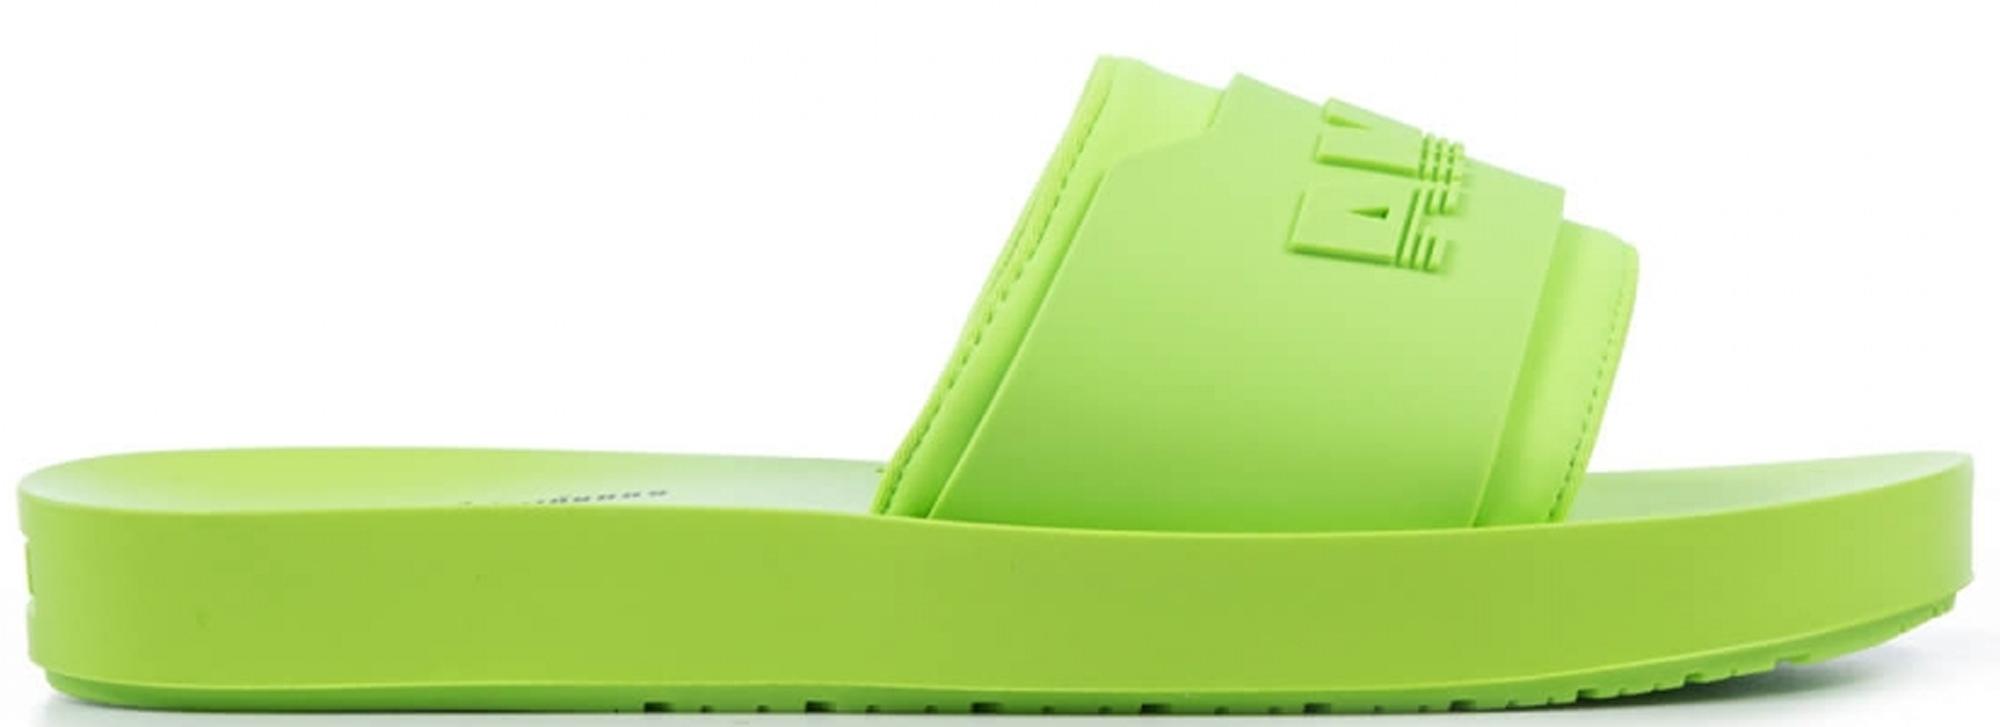 Puma Surf Slide Rihanna Fenty Green Gecko (W)